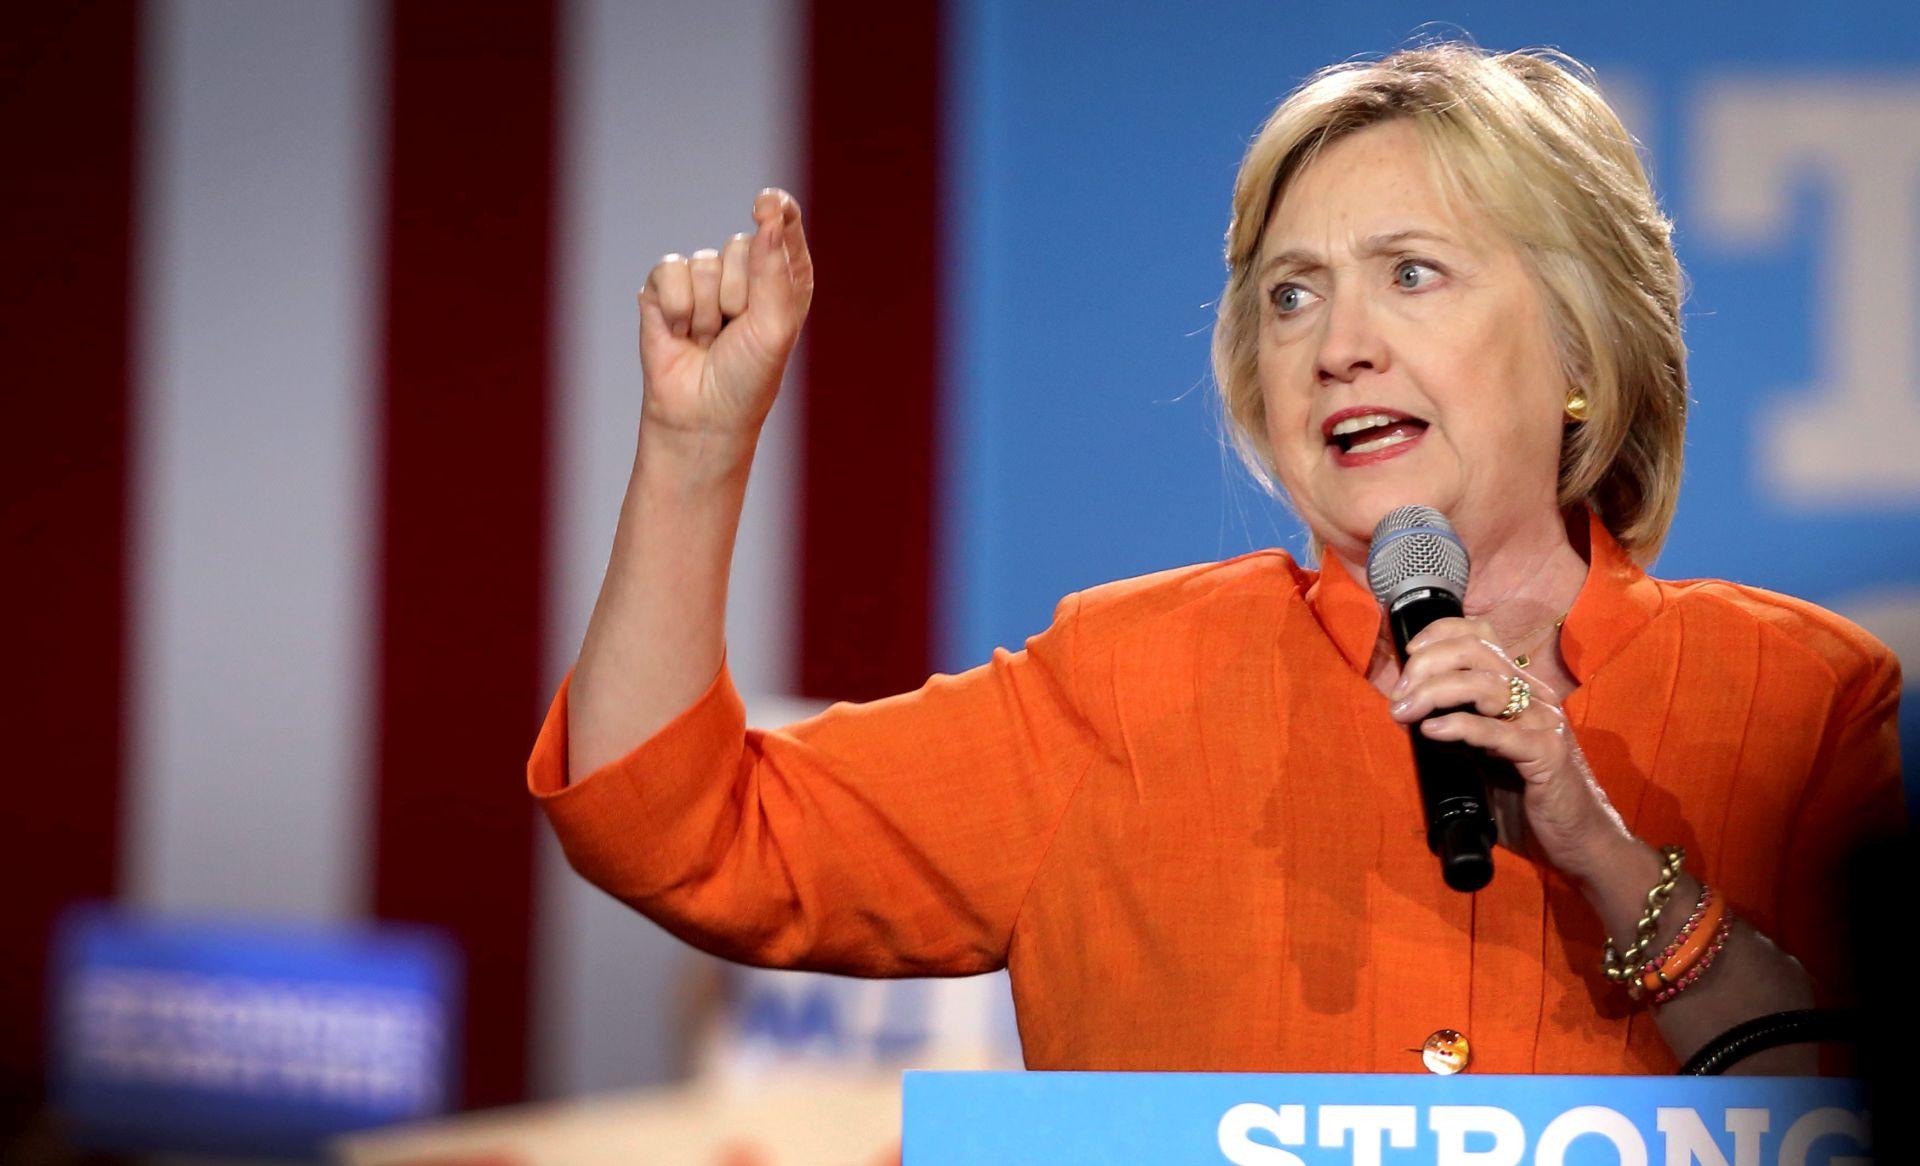 PREDSJEDNIČKI IZBORI: Clinton nastavlja kampanju u petak